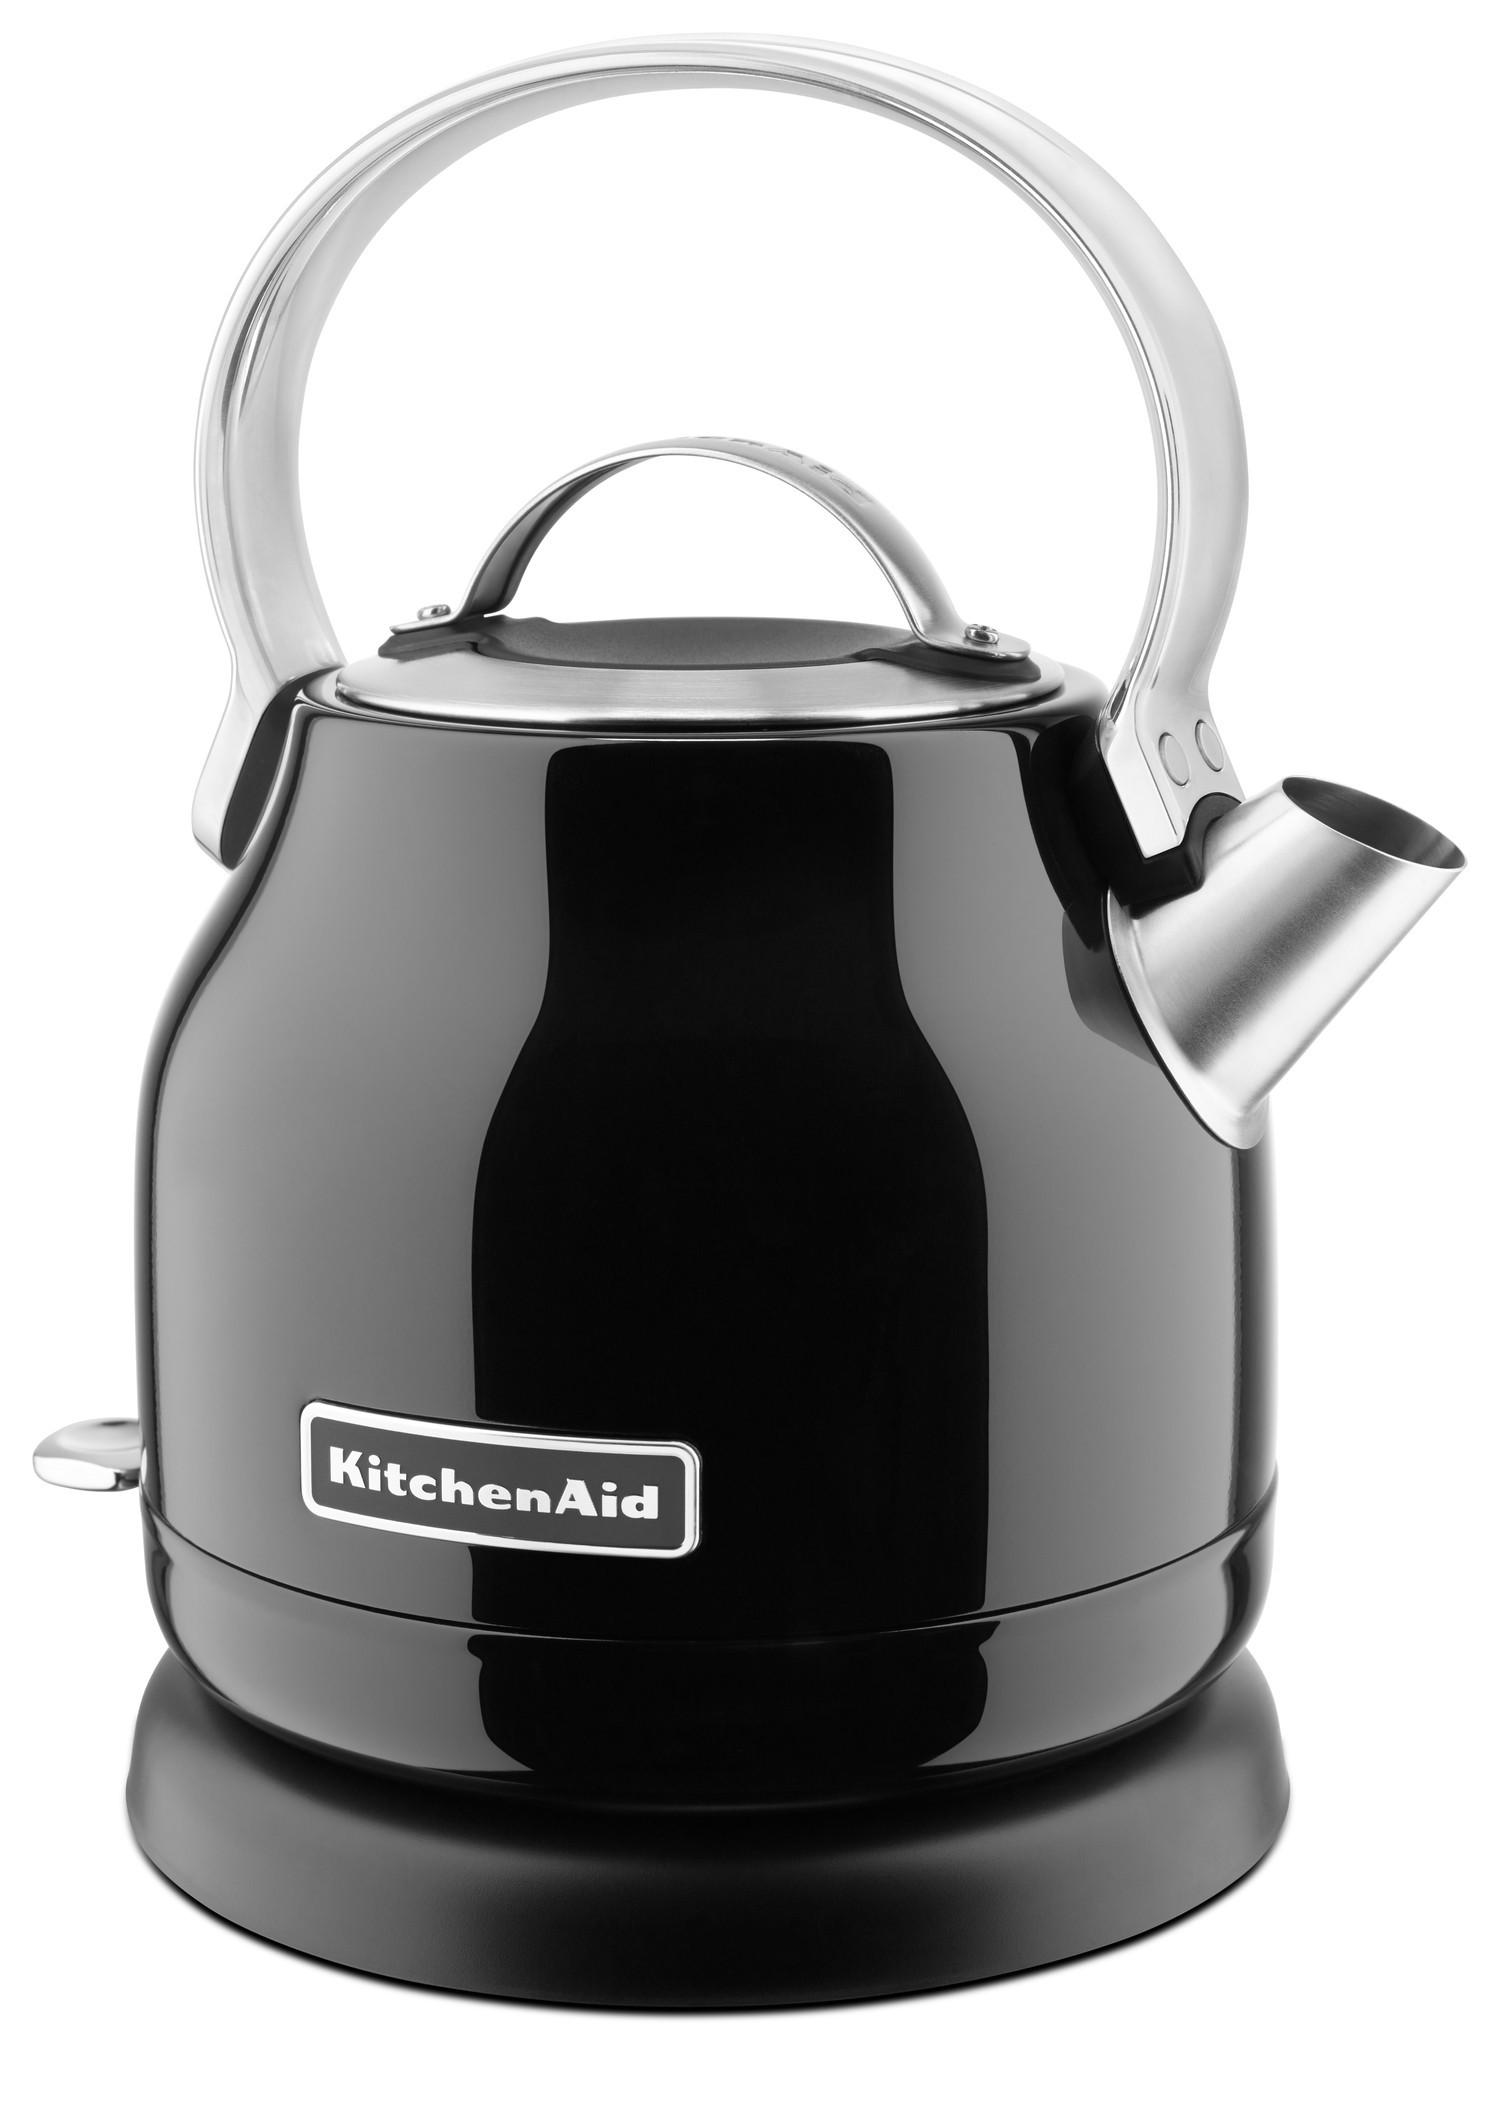 KitchenAid Kessel-Wasserkocher 1,25l onyxschwarz